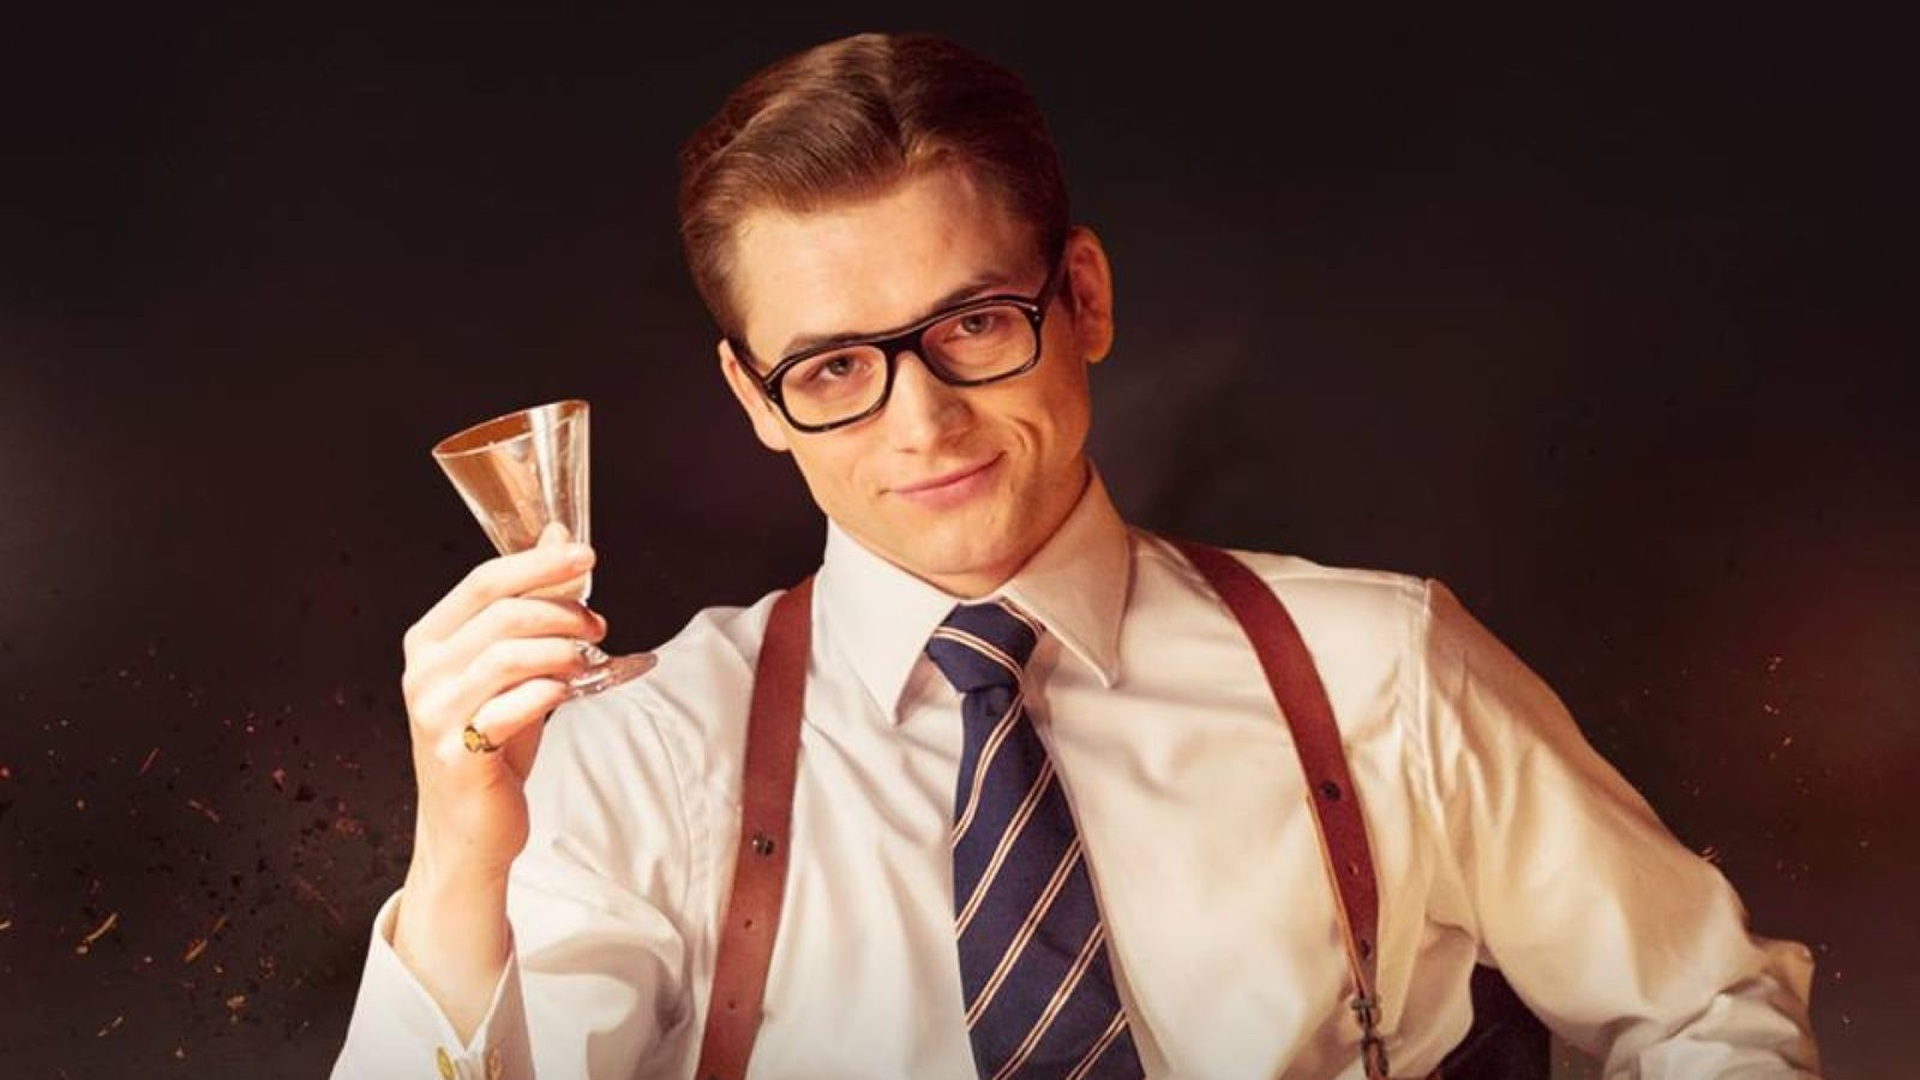 Тэрон Эджертон в роли Элтона Джона на съёмках «Человека-ракеты»